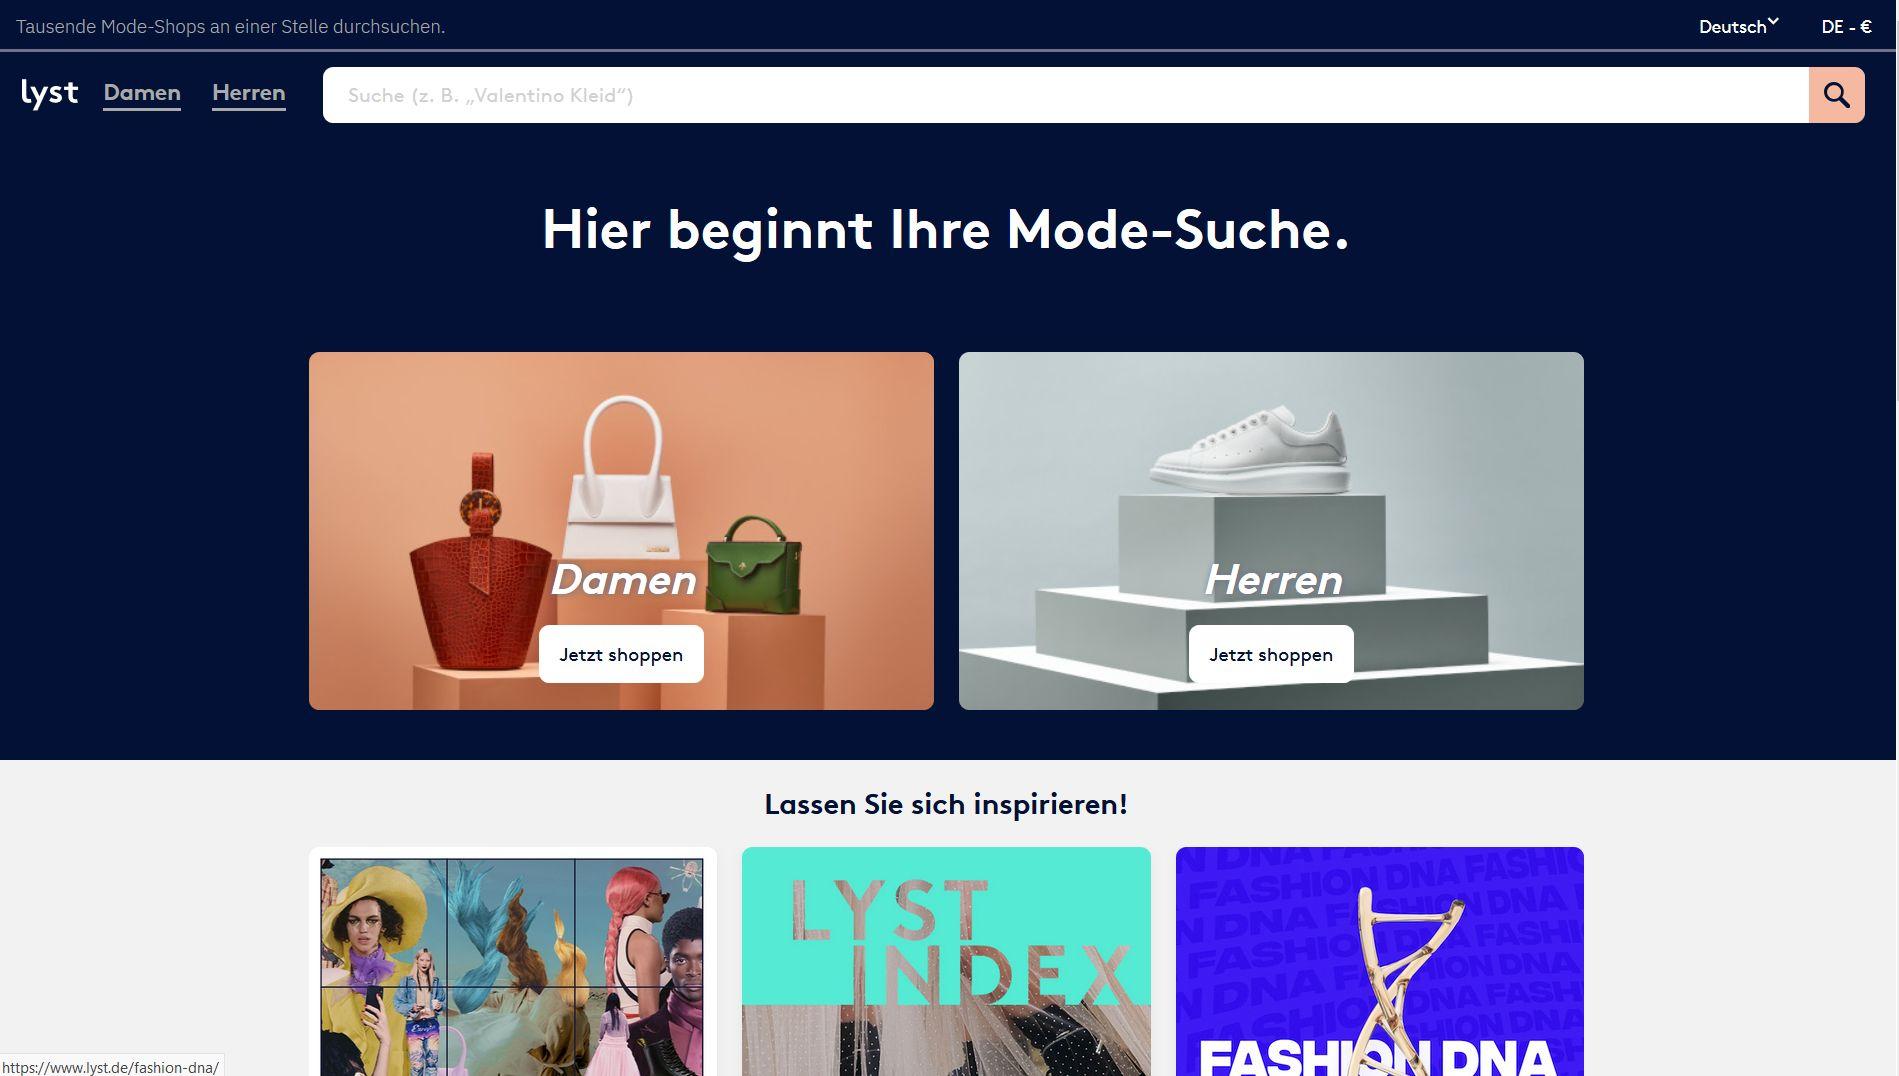 Profi-Suchmaschine für Fashionistas